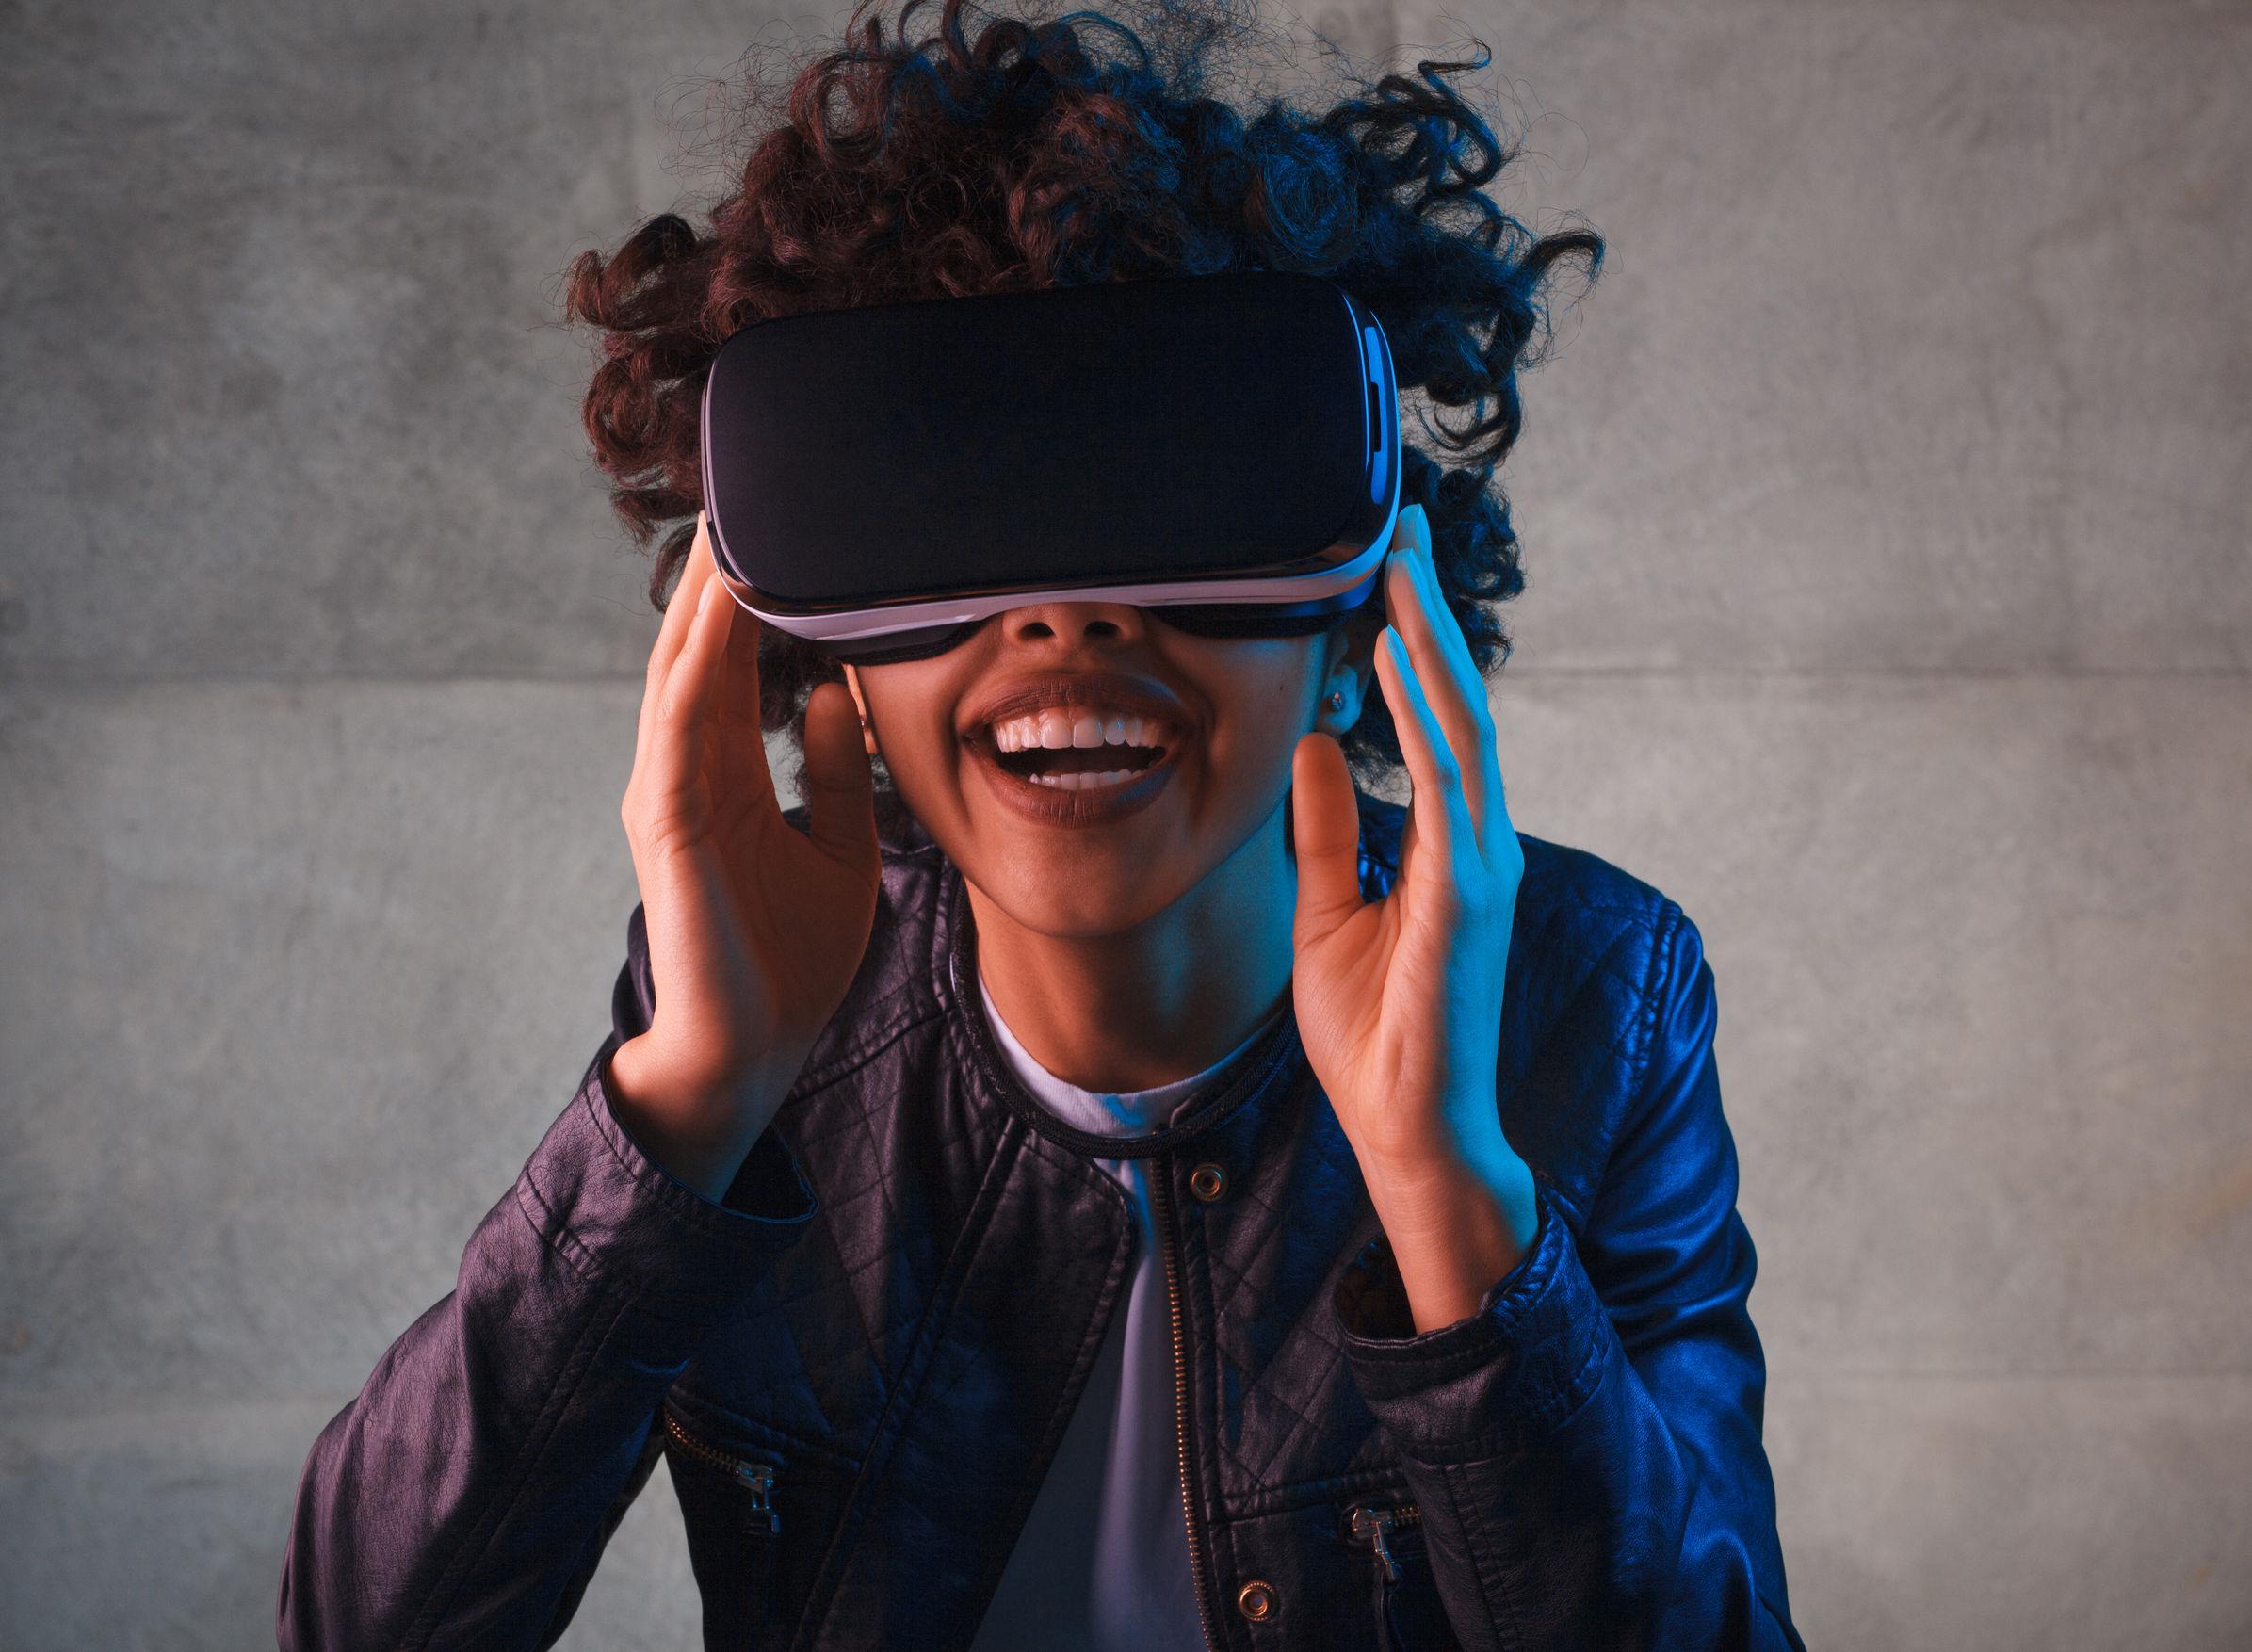 Lentes de realidad virtual: ¿Cuáles son los mejores del 2020?